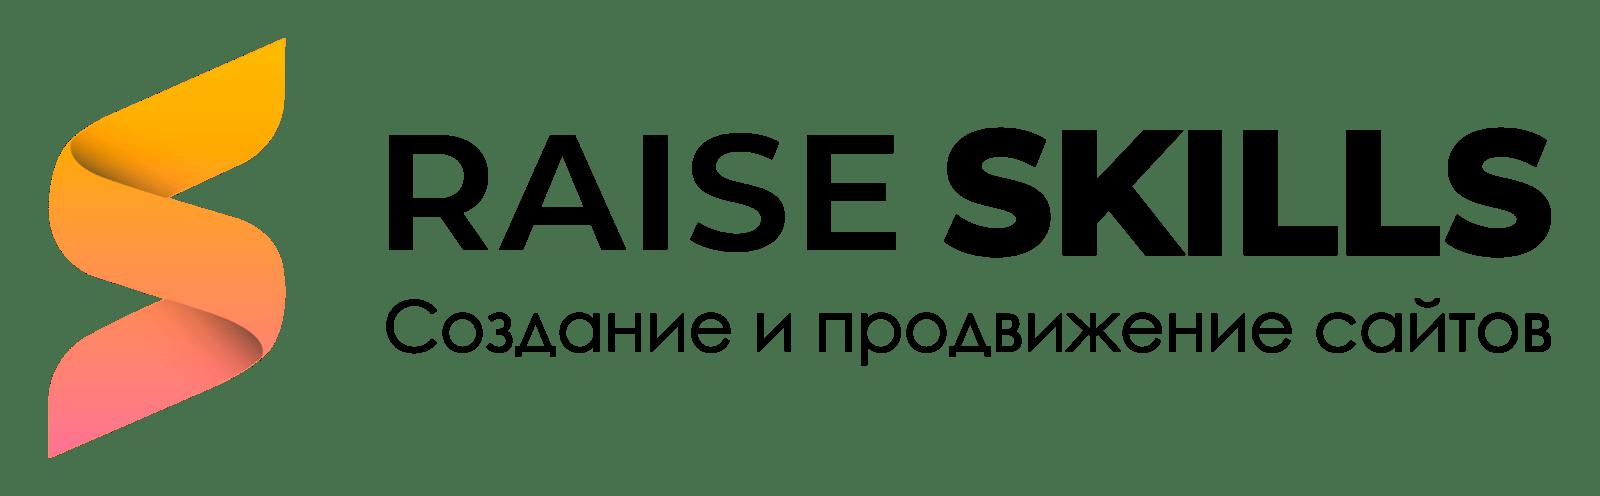 Создание и продвижение сайтов raiseskills.ru